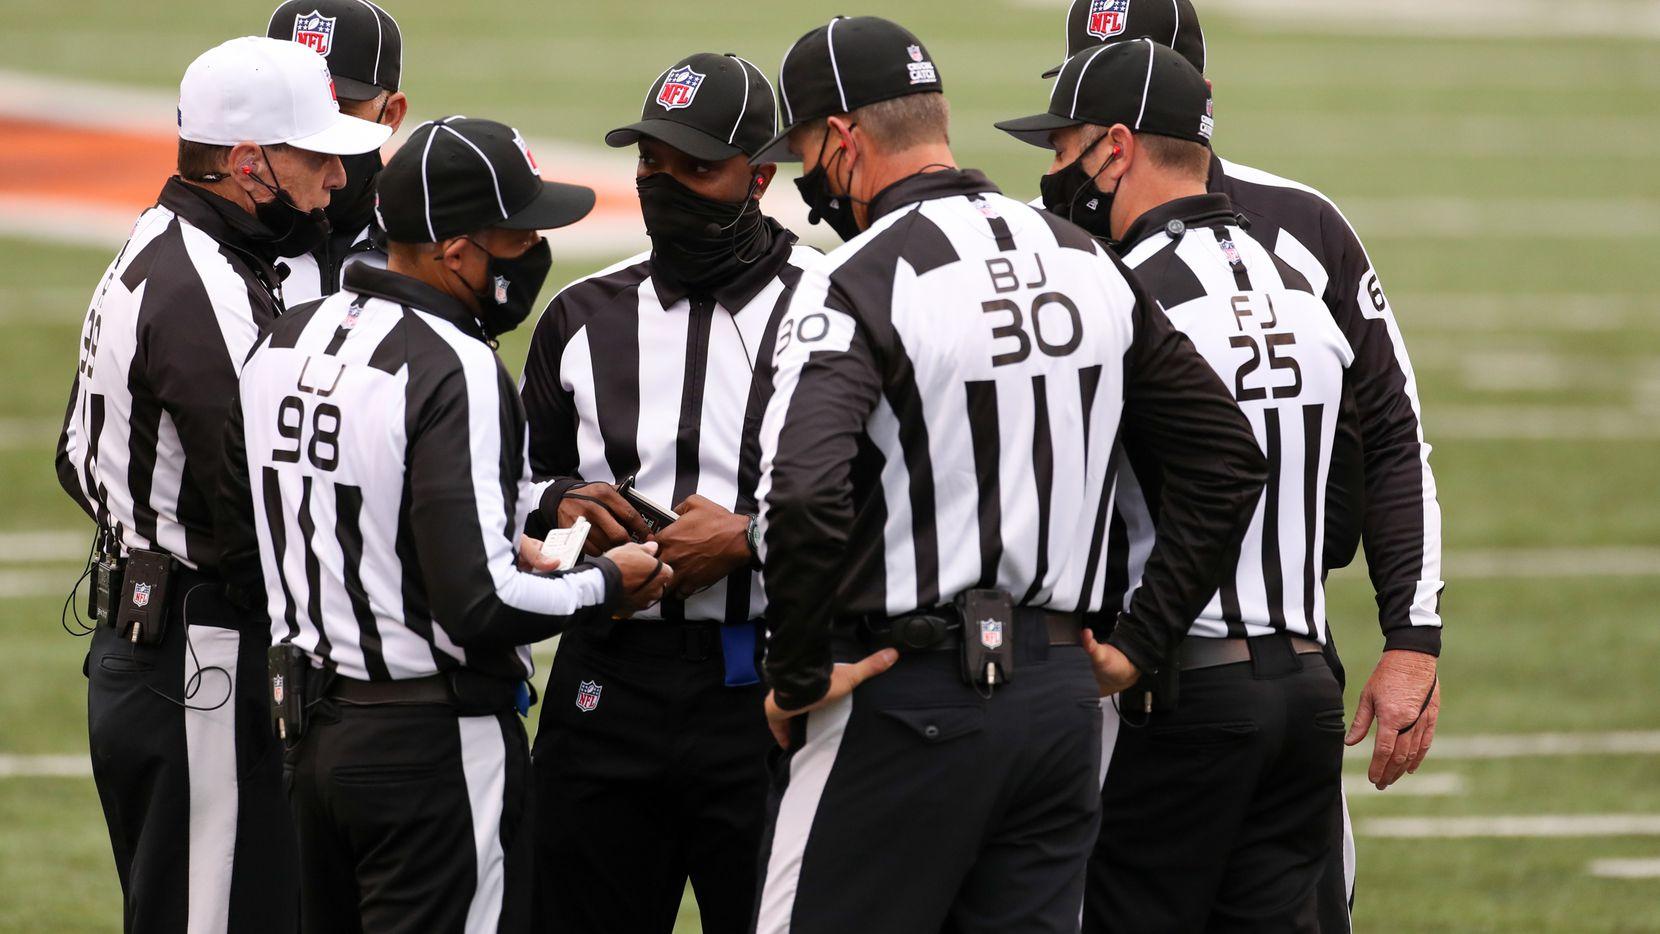 Un equipo completo de árbitros afroamericanos aparecerá por primera vez en un juego de la NFL.